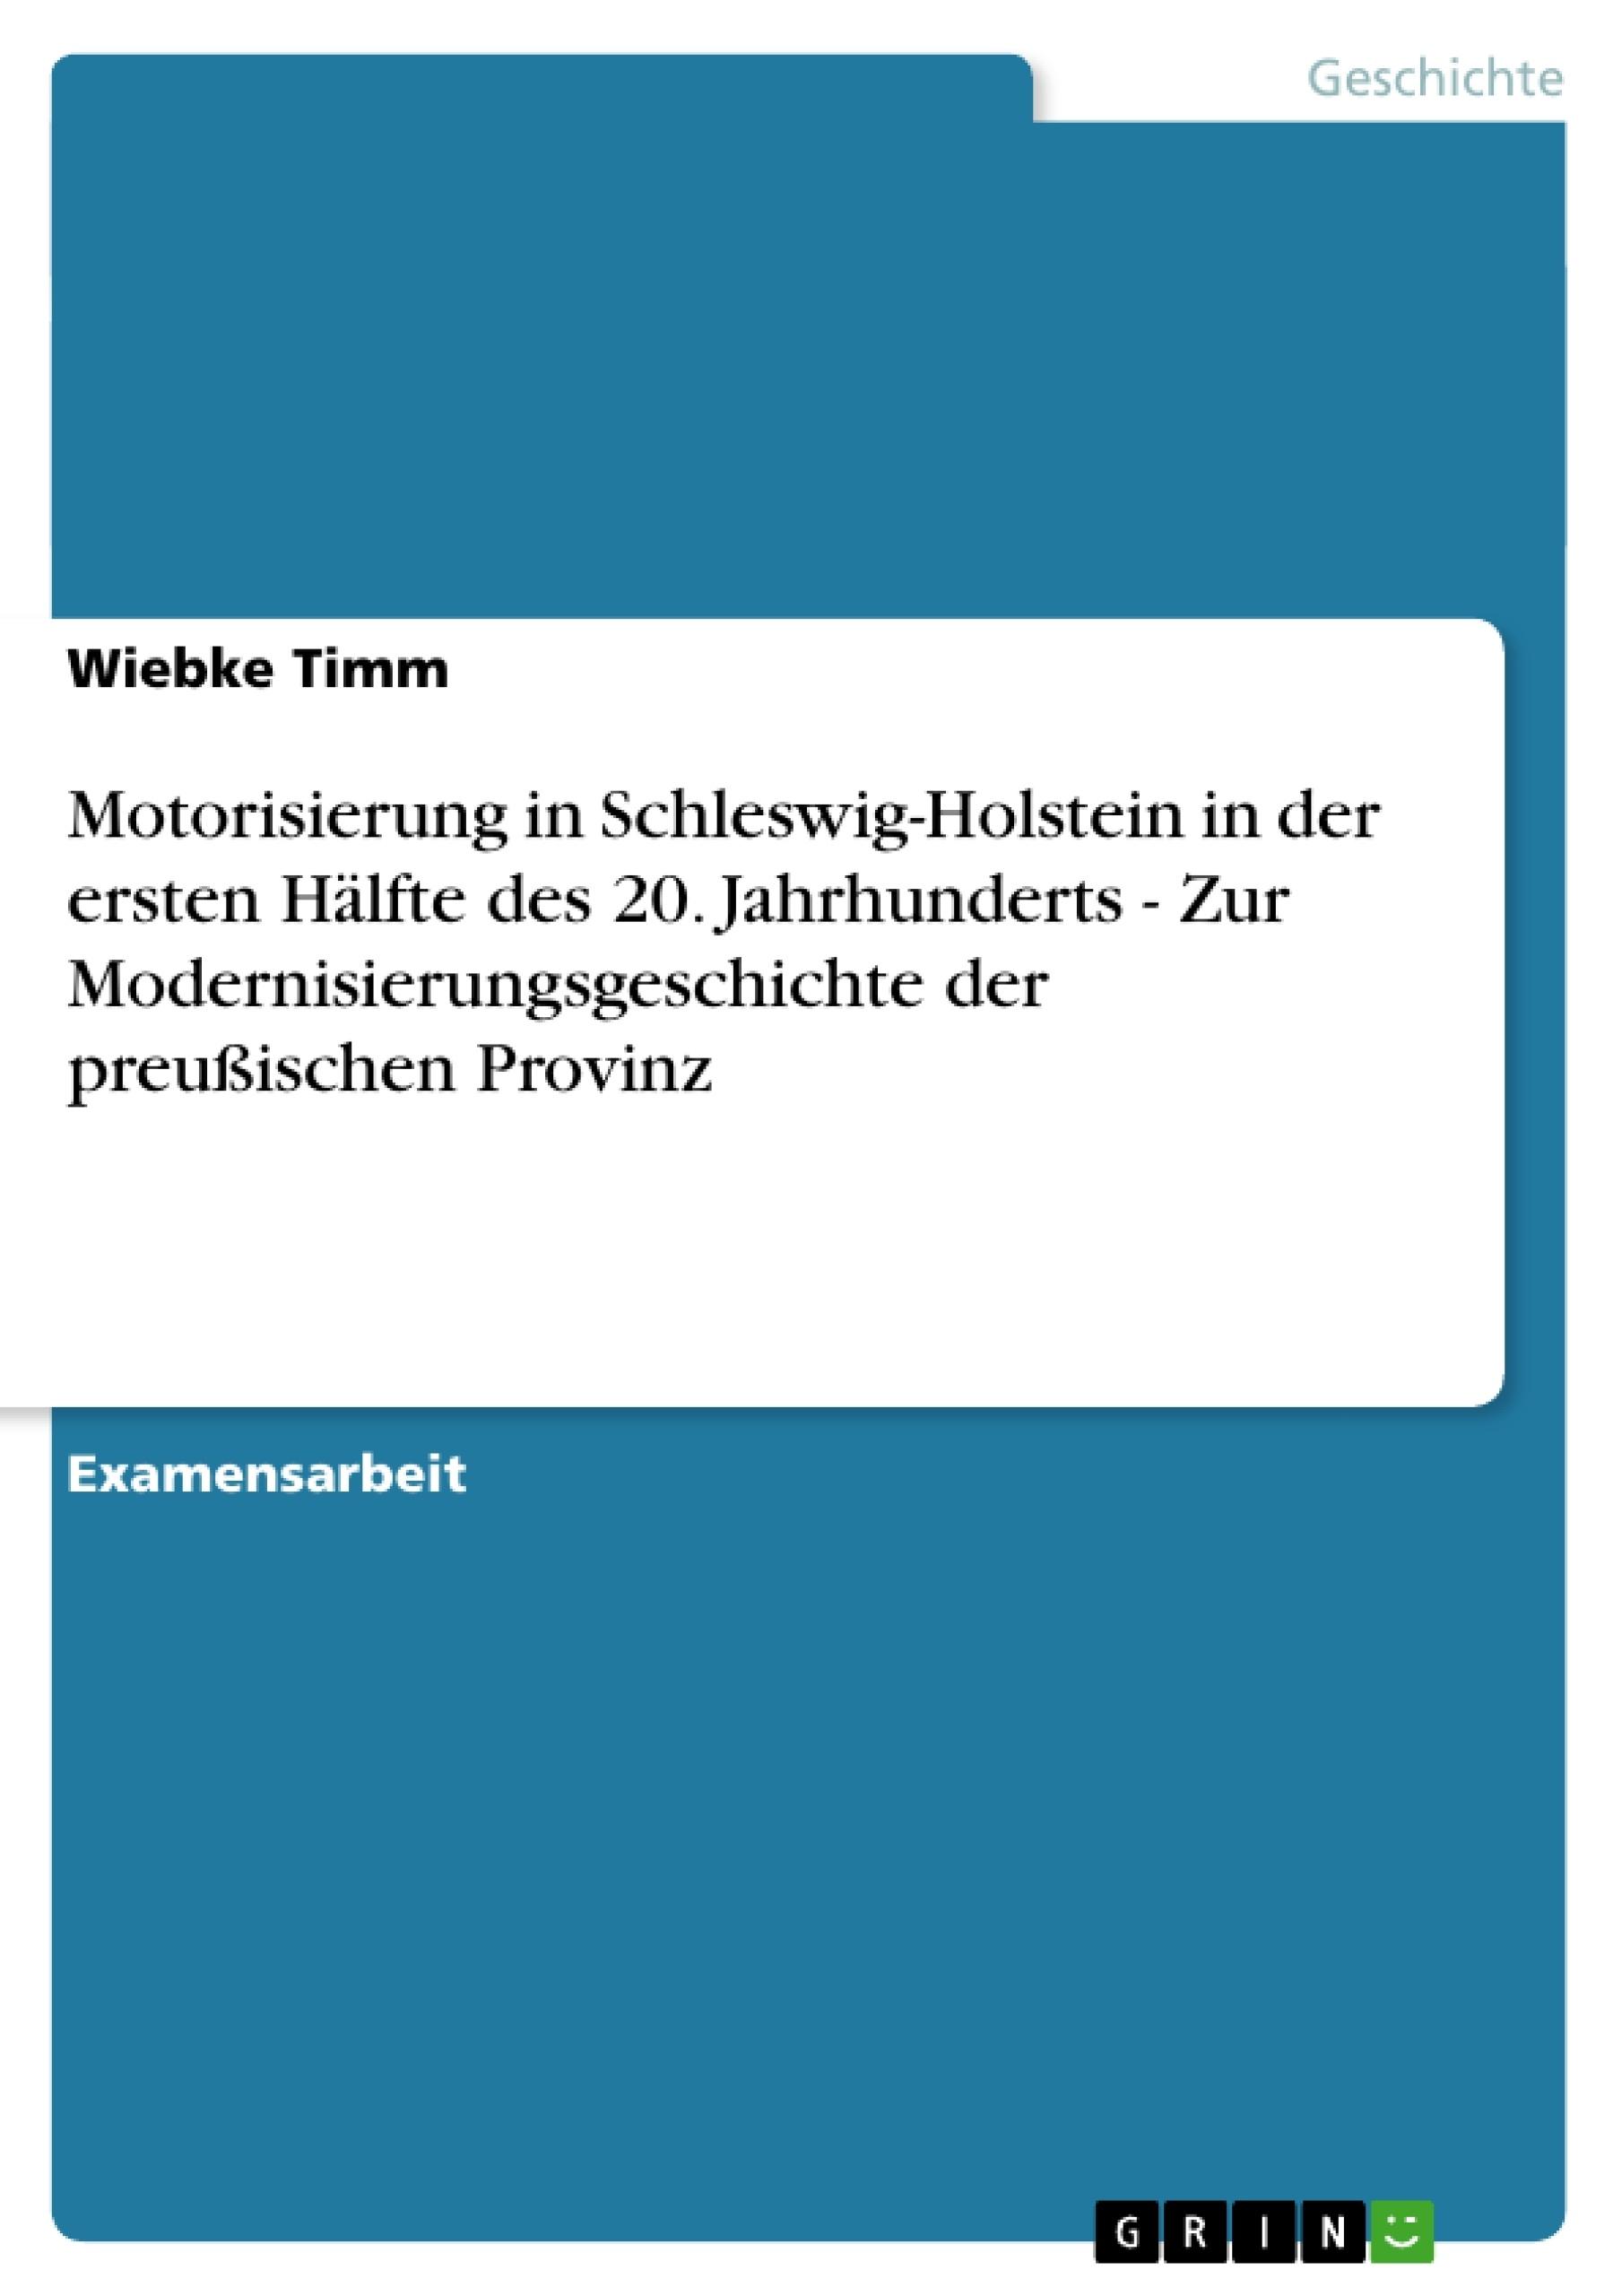 Titel: Motorisierung in Schleswig-Holstein in der ersten Hälfte des 20. Jahrhunderts - Zur Modernisierungsgeschichte der preußischen Provinz